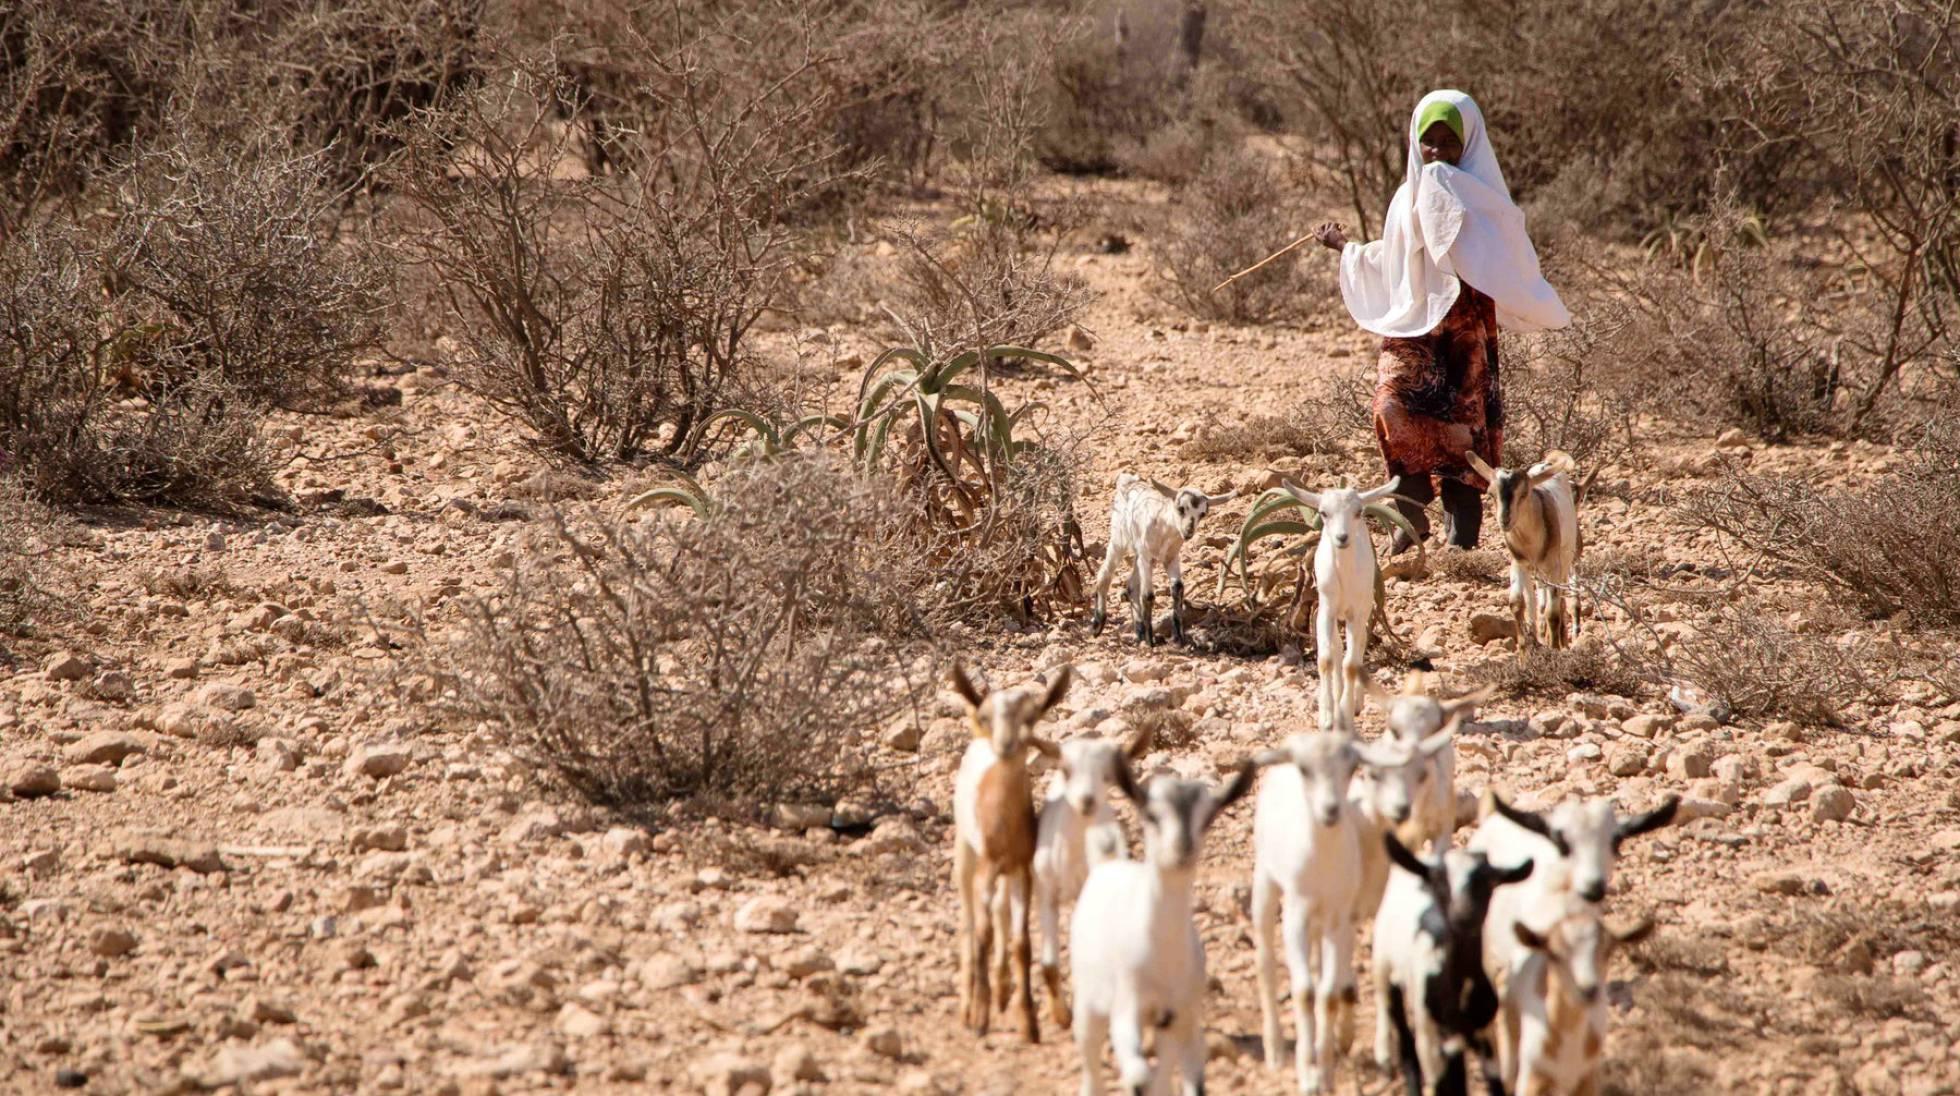 Hodo, De Ocho Años, Cuida De Las Cabras De Su Familia Que Aún Sobreviven En Somalilandia